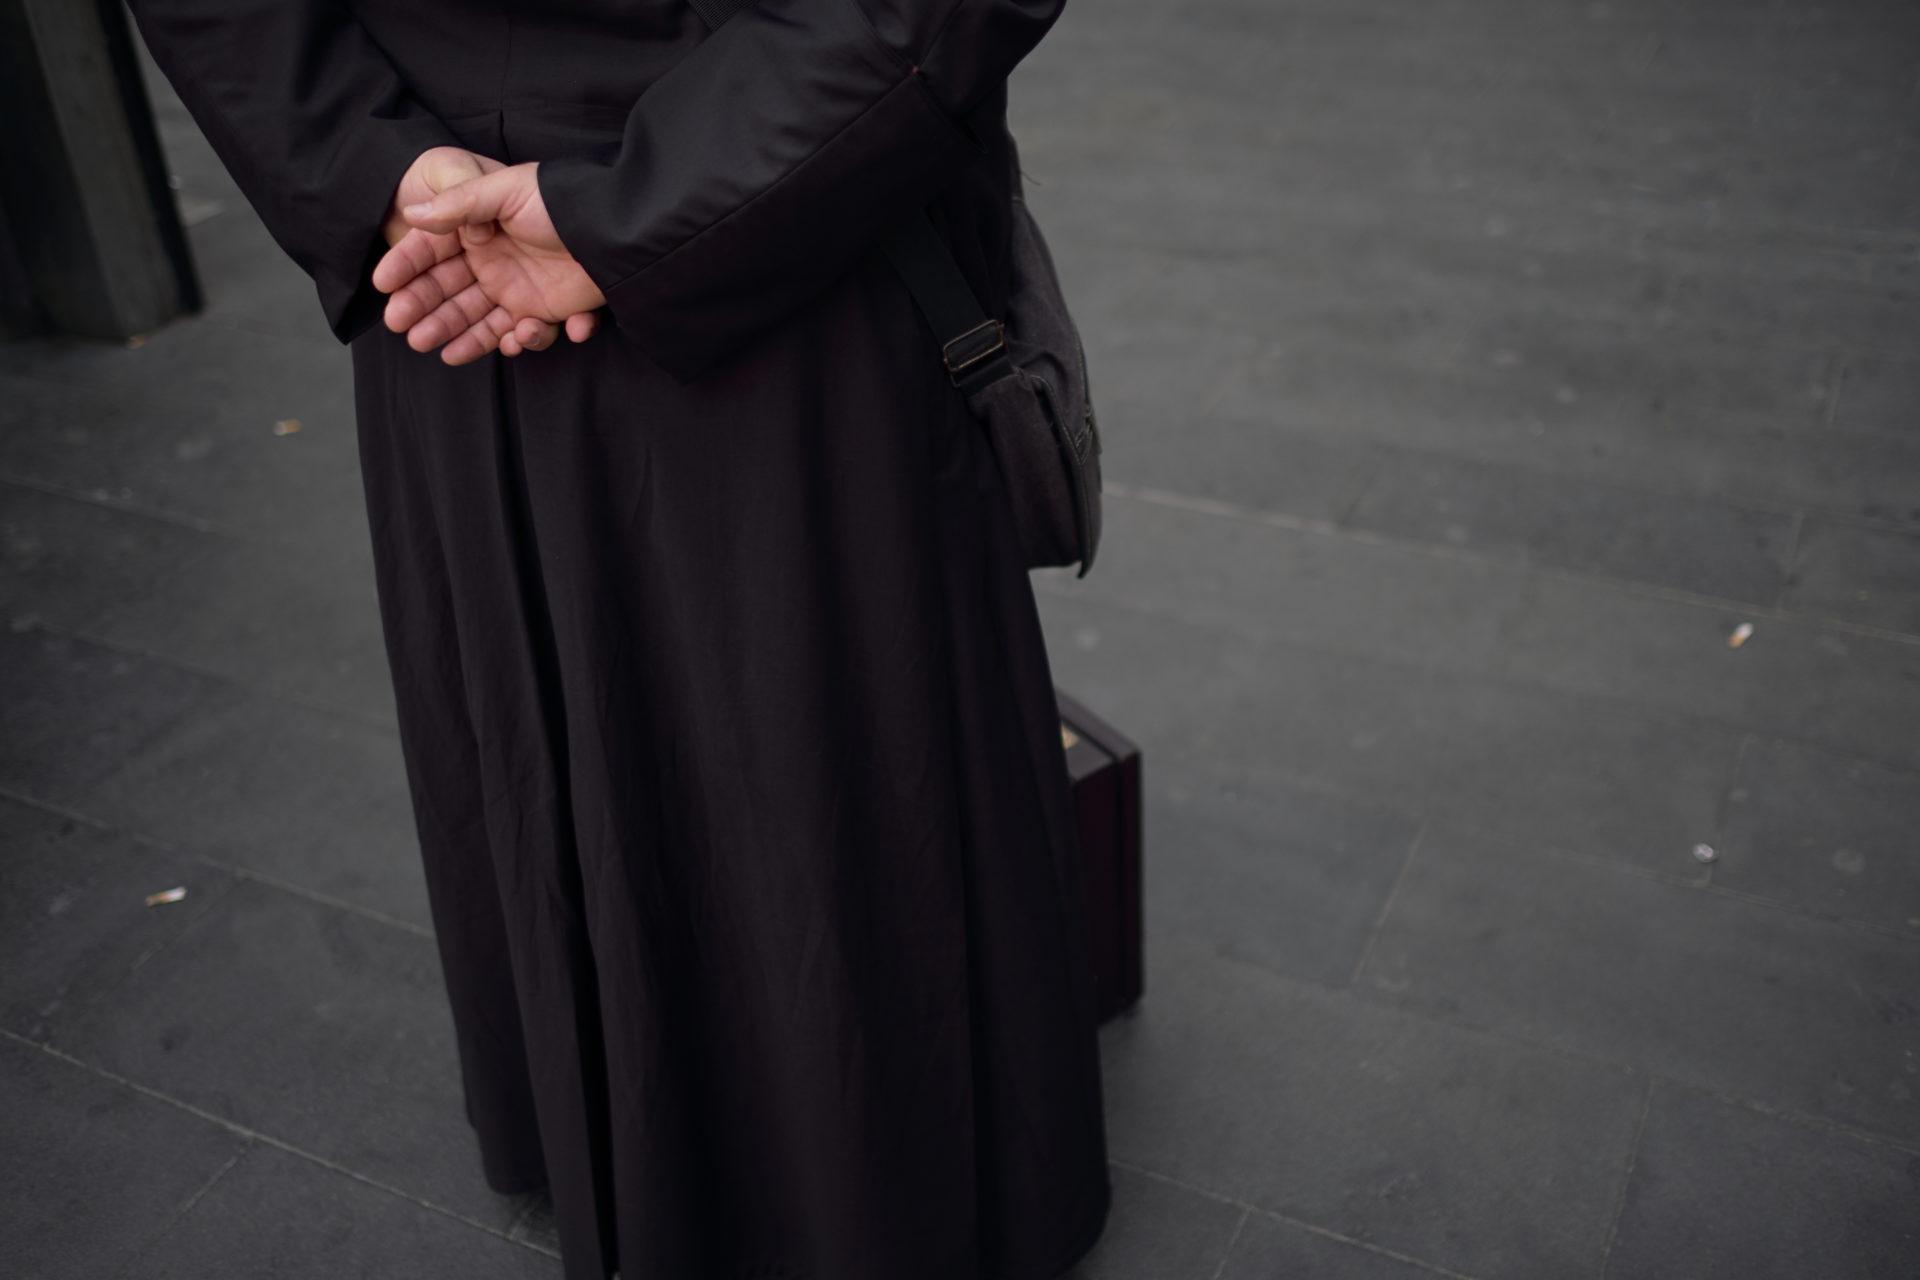 L'attesa del prete #583